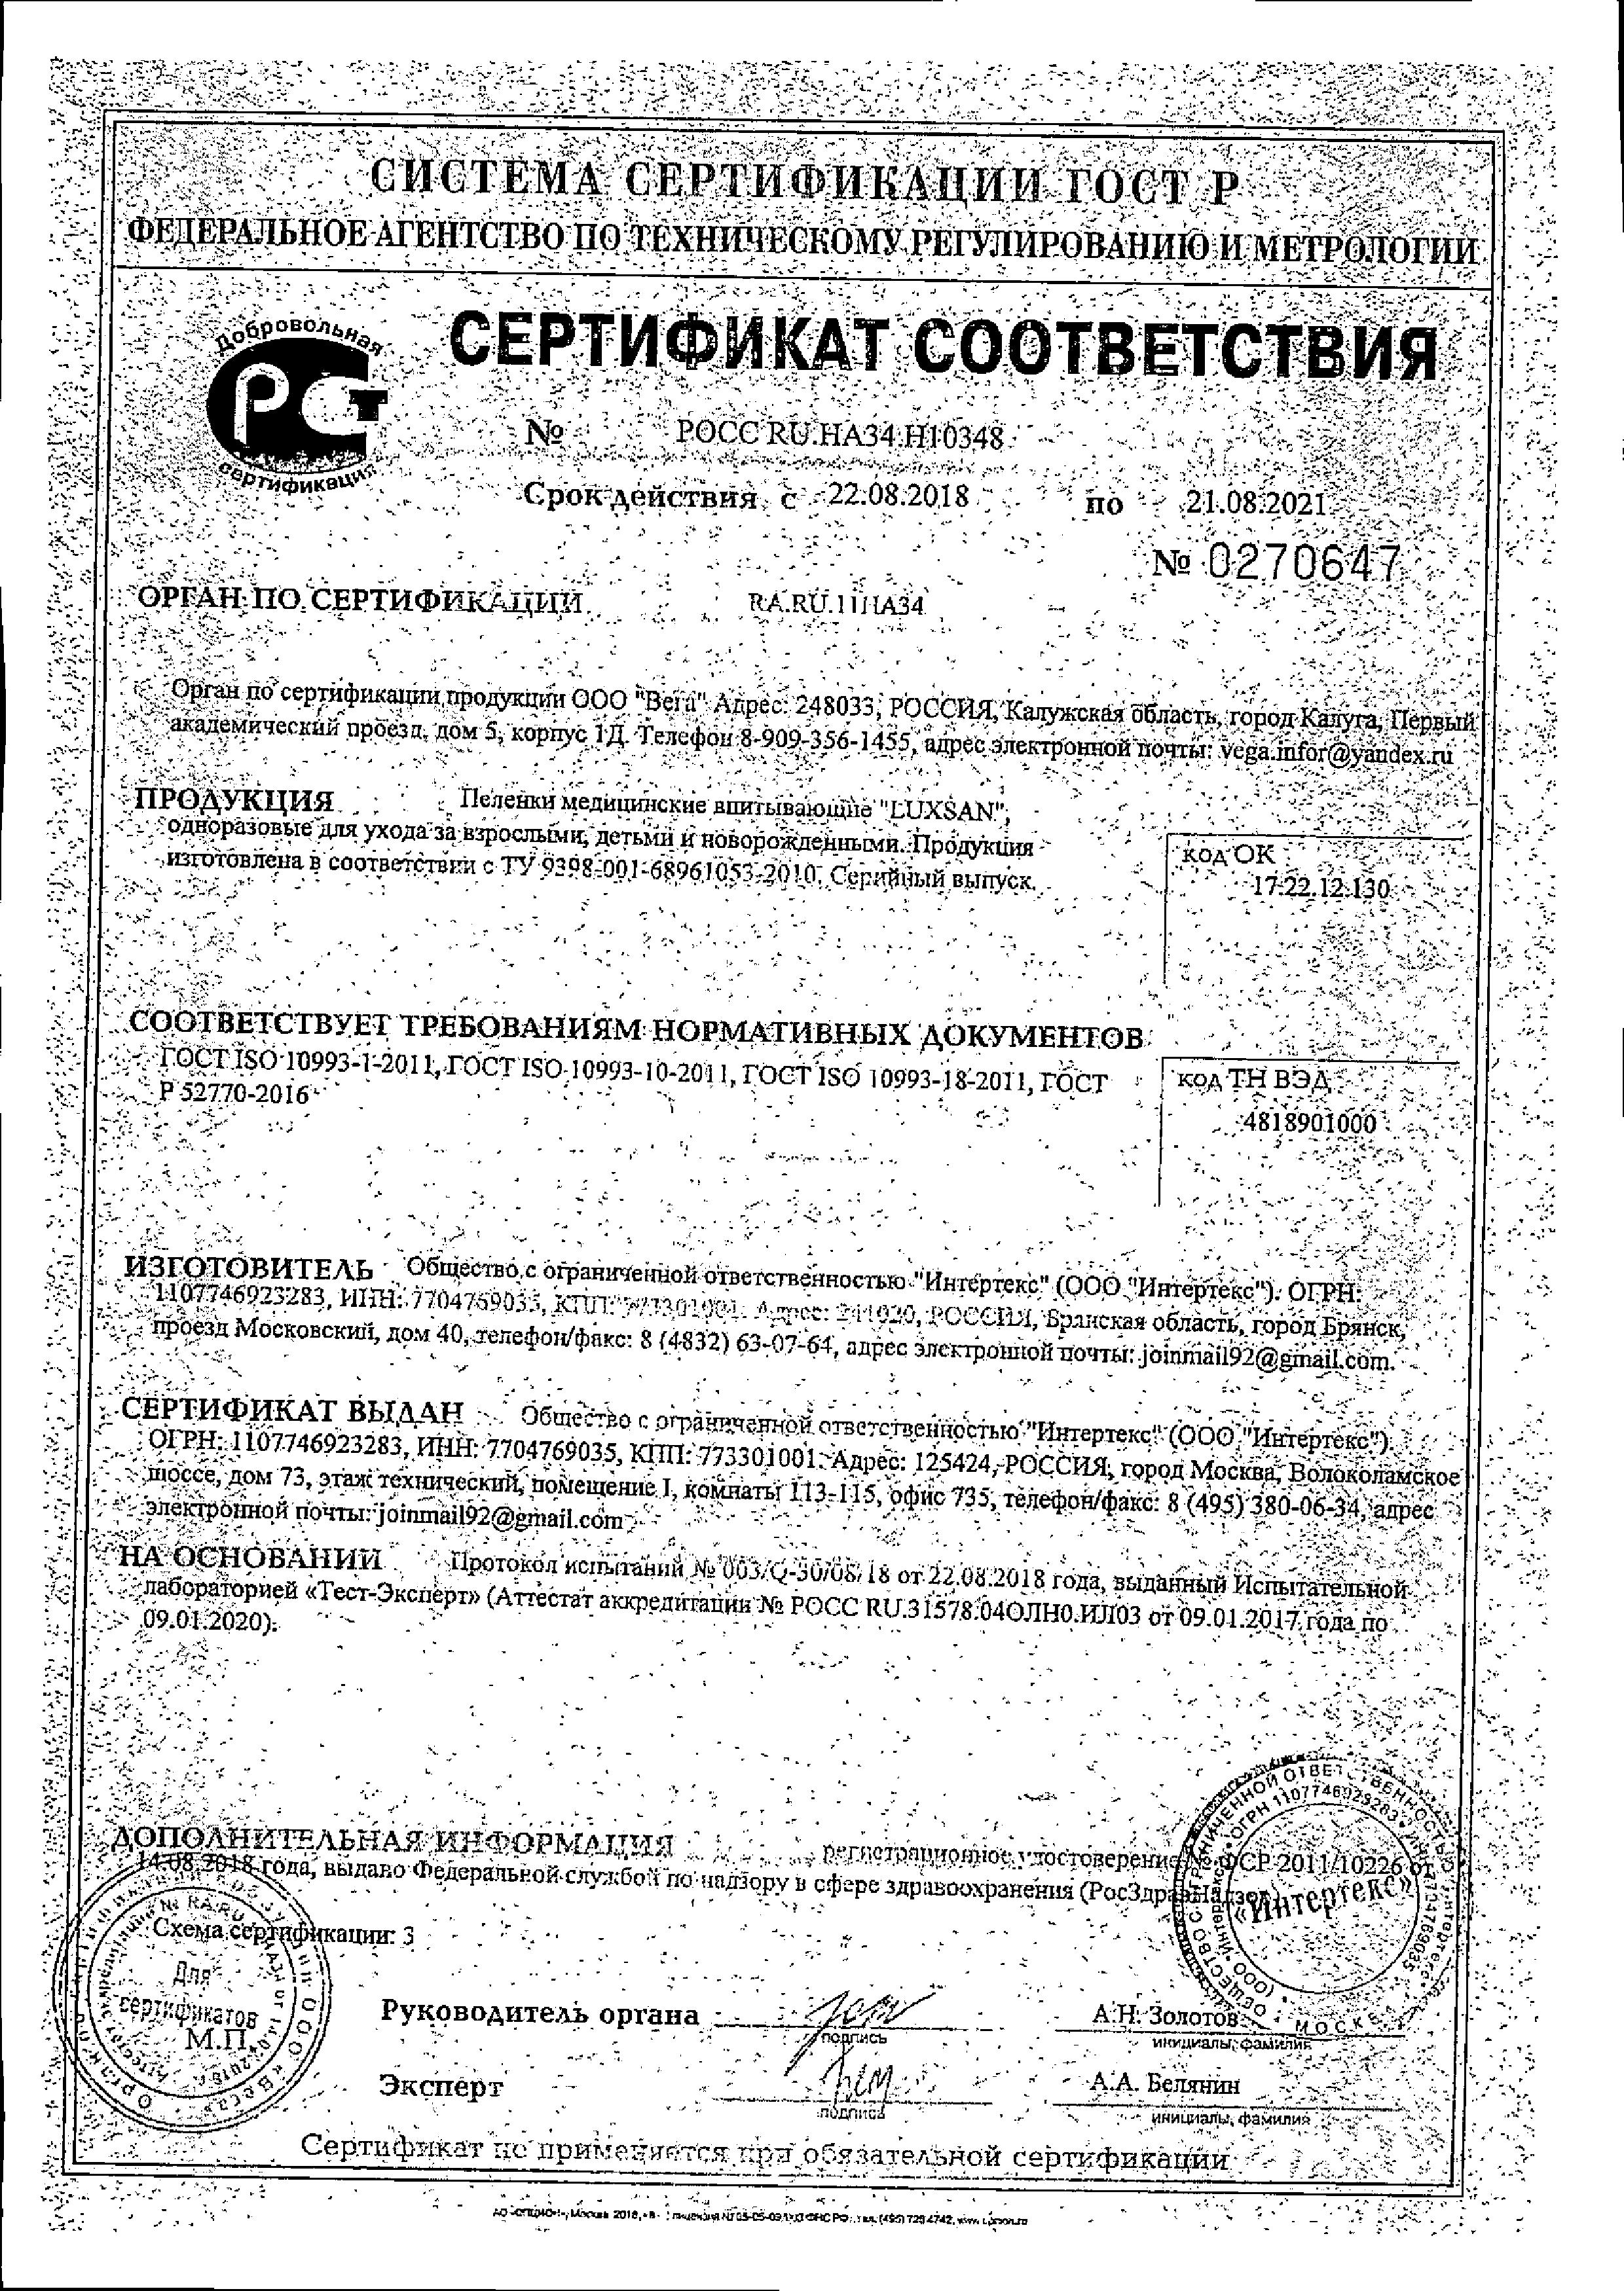 Клинса пеленки впитывающие для взрослых сертификат